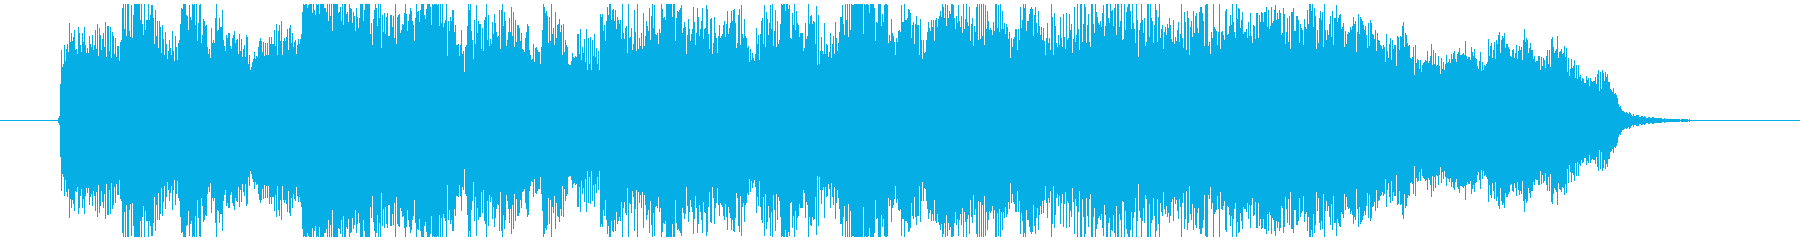 ゲームオーバーで流れるBGMの再生済みの波形